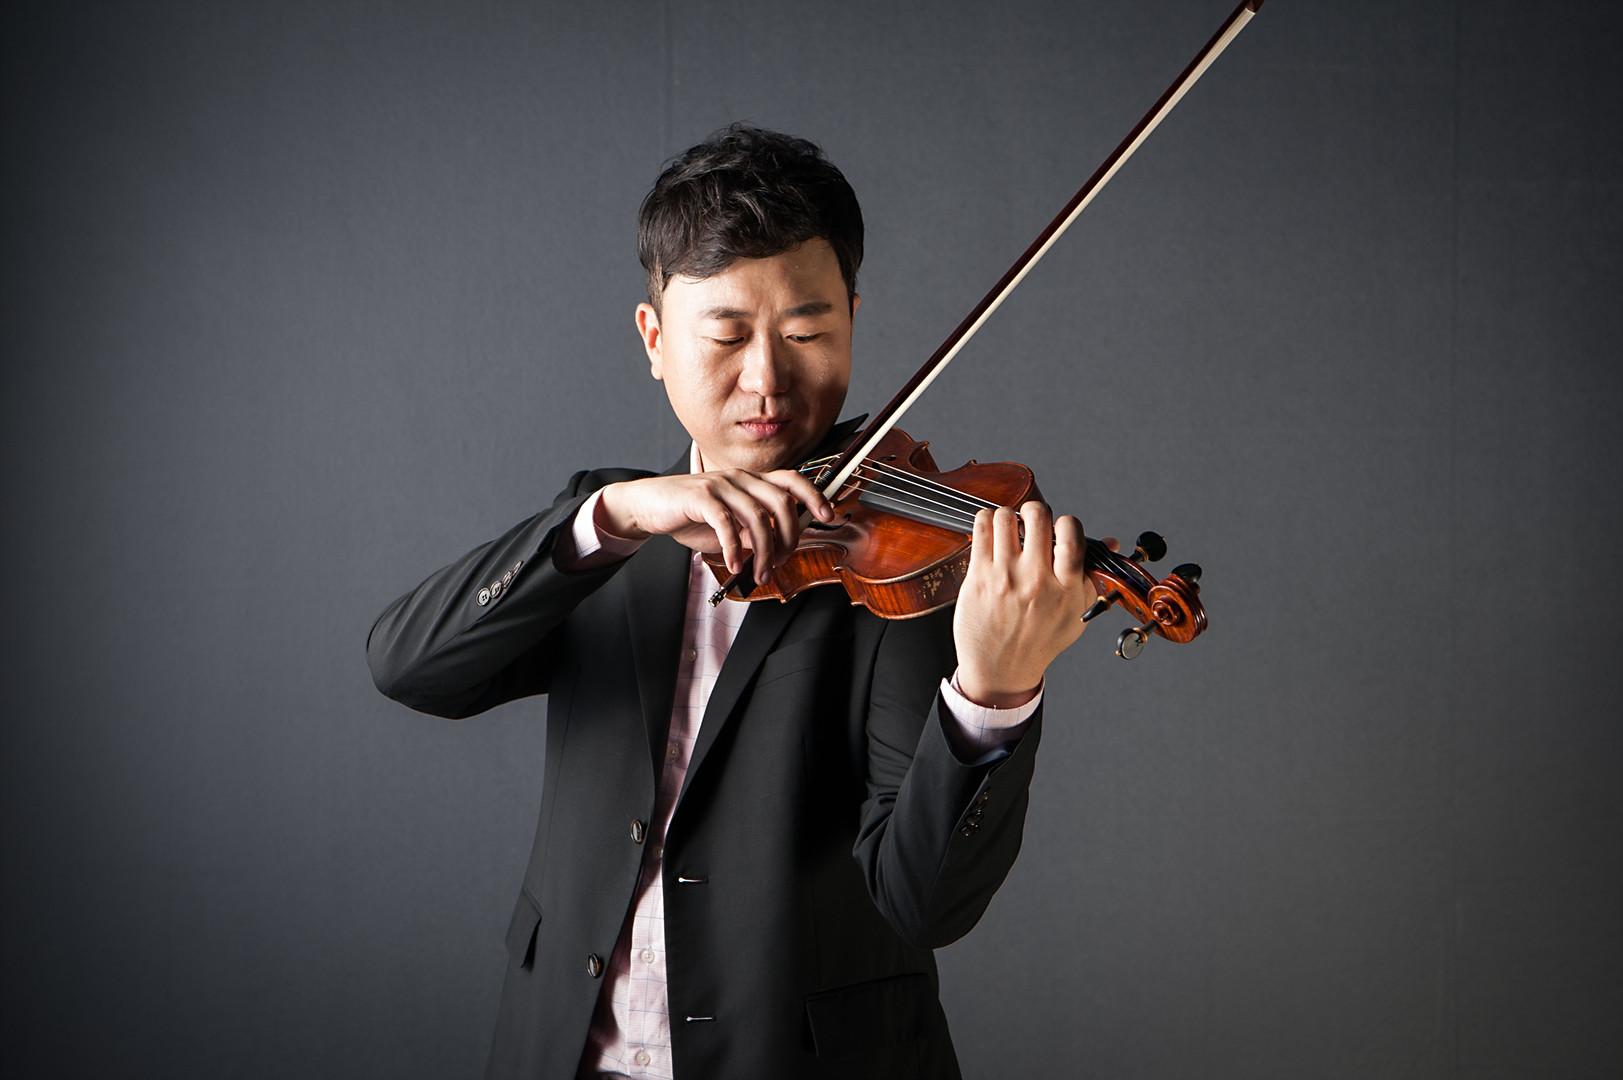 violinist 강지훈